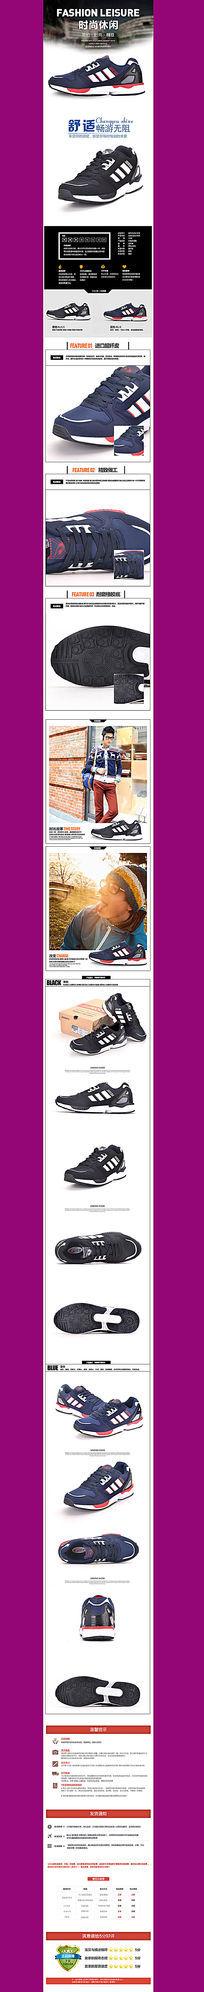 淘宝天猫秋季休闲鞋详情页描述模板图片下载